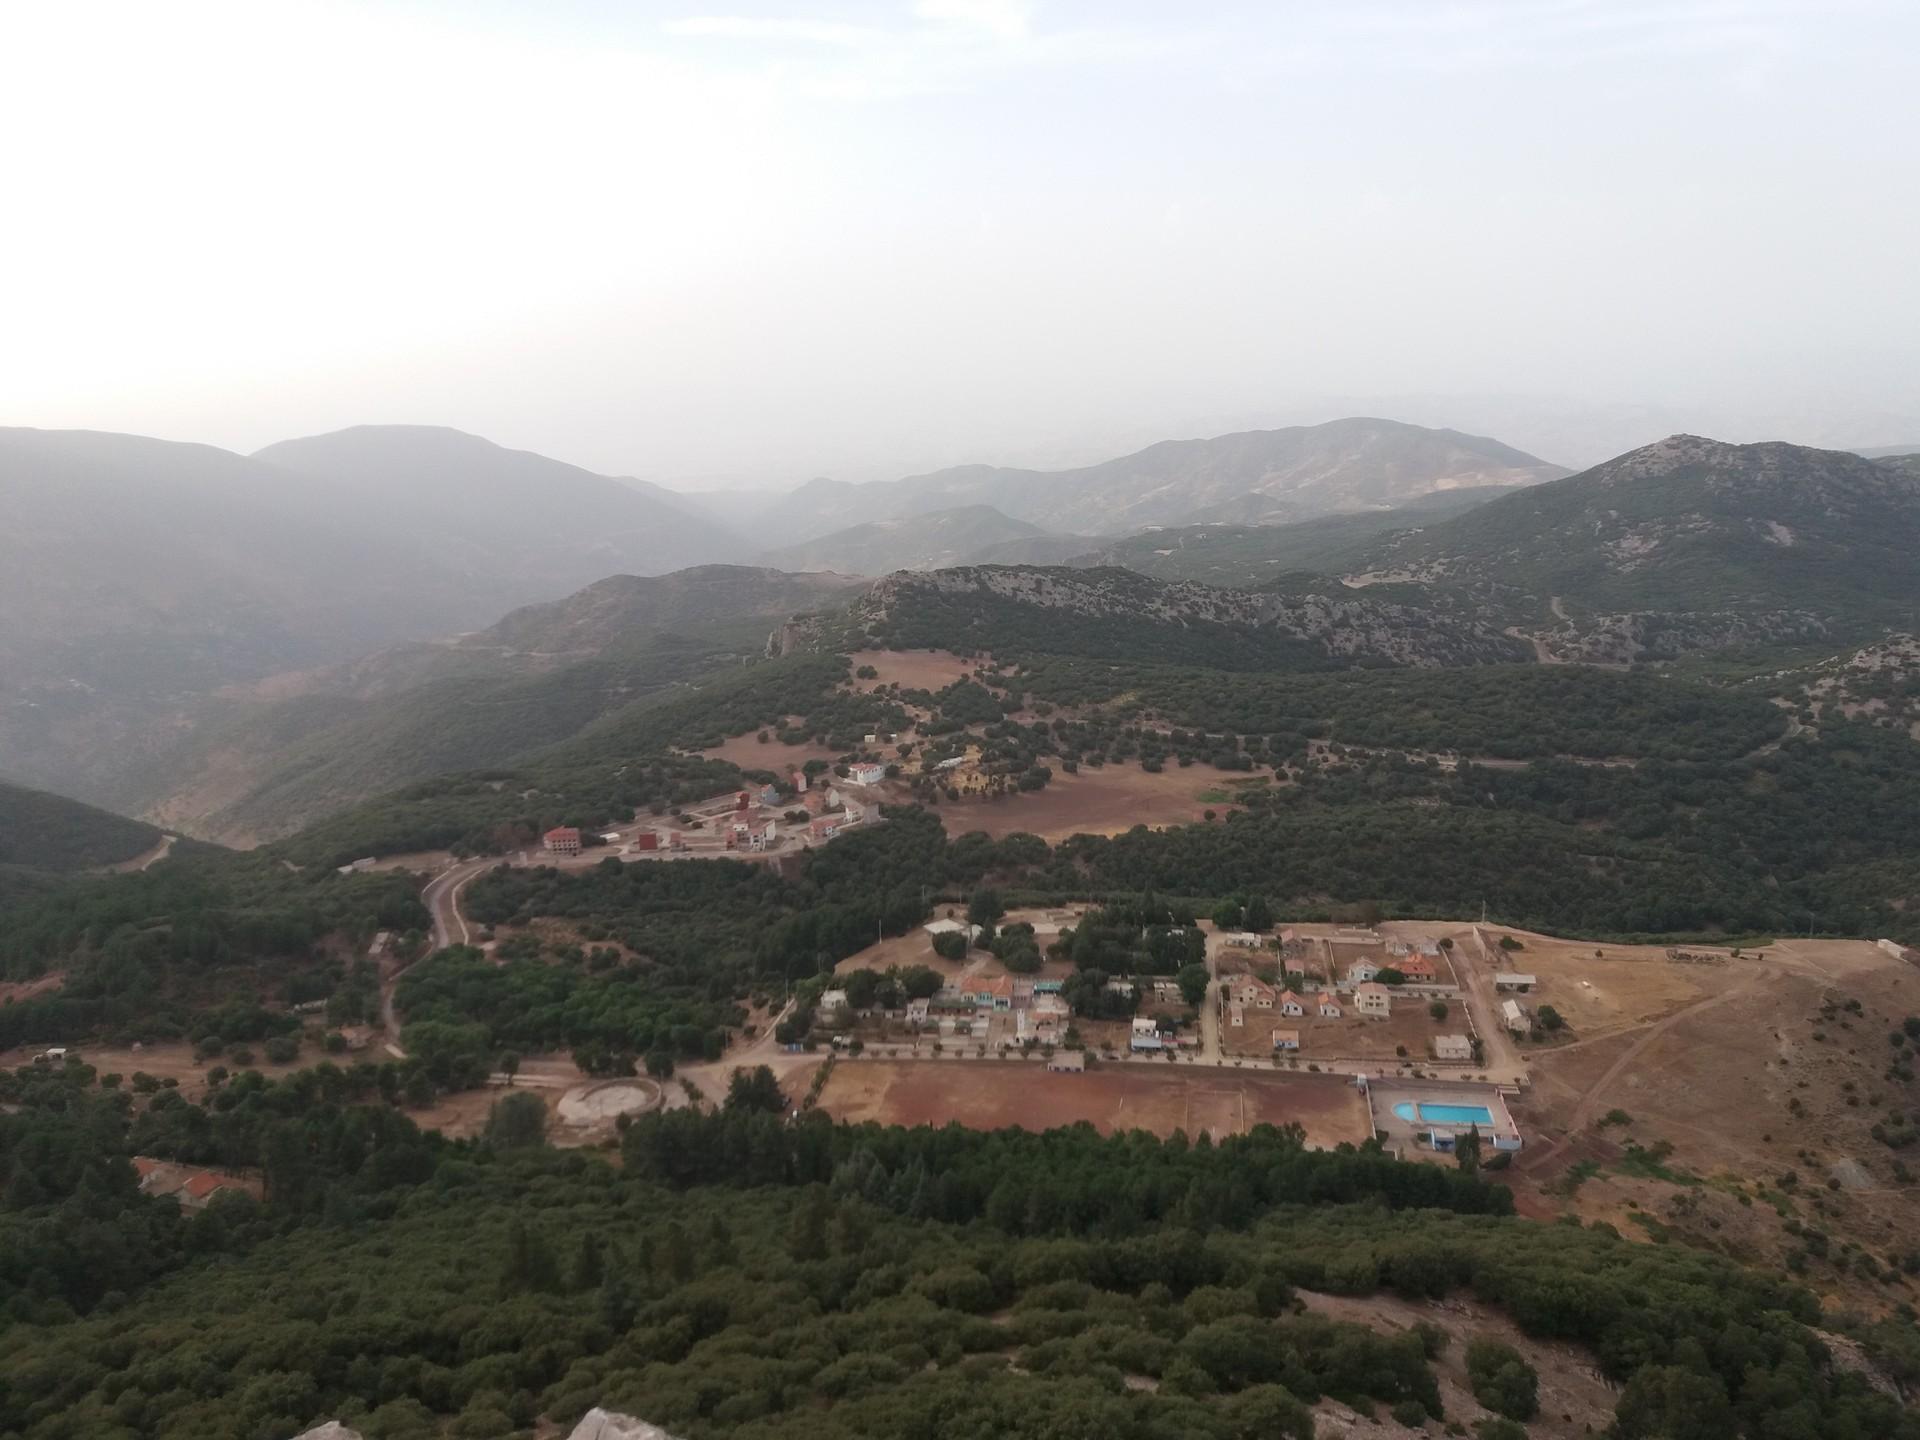 ville-de-taza-maroc-43c49aeafa96a3608c60